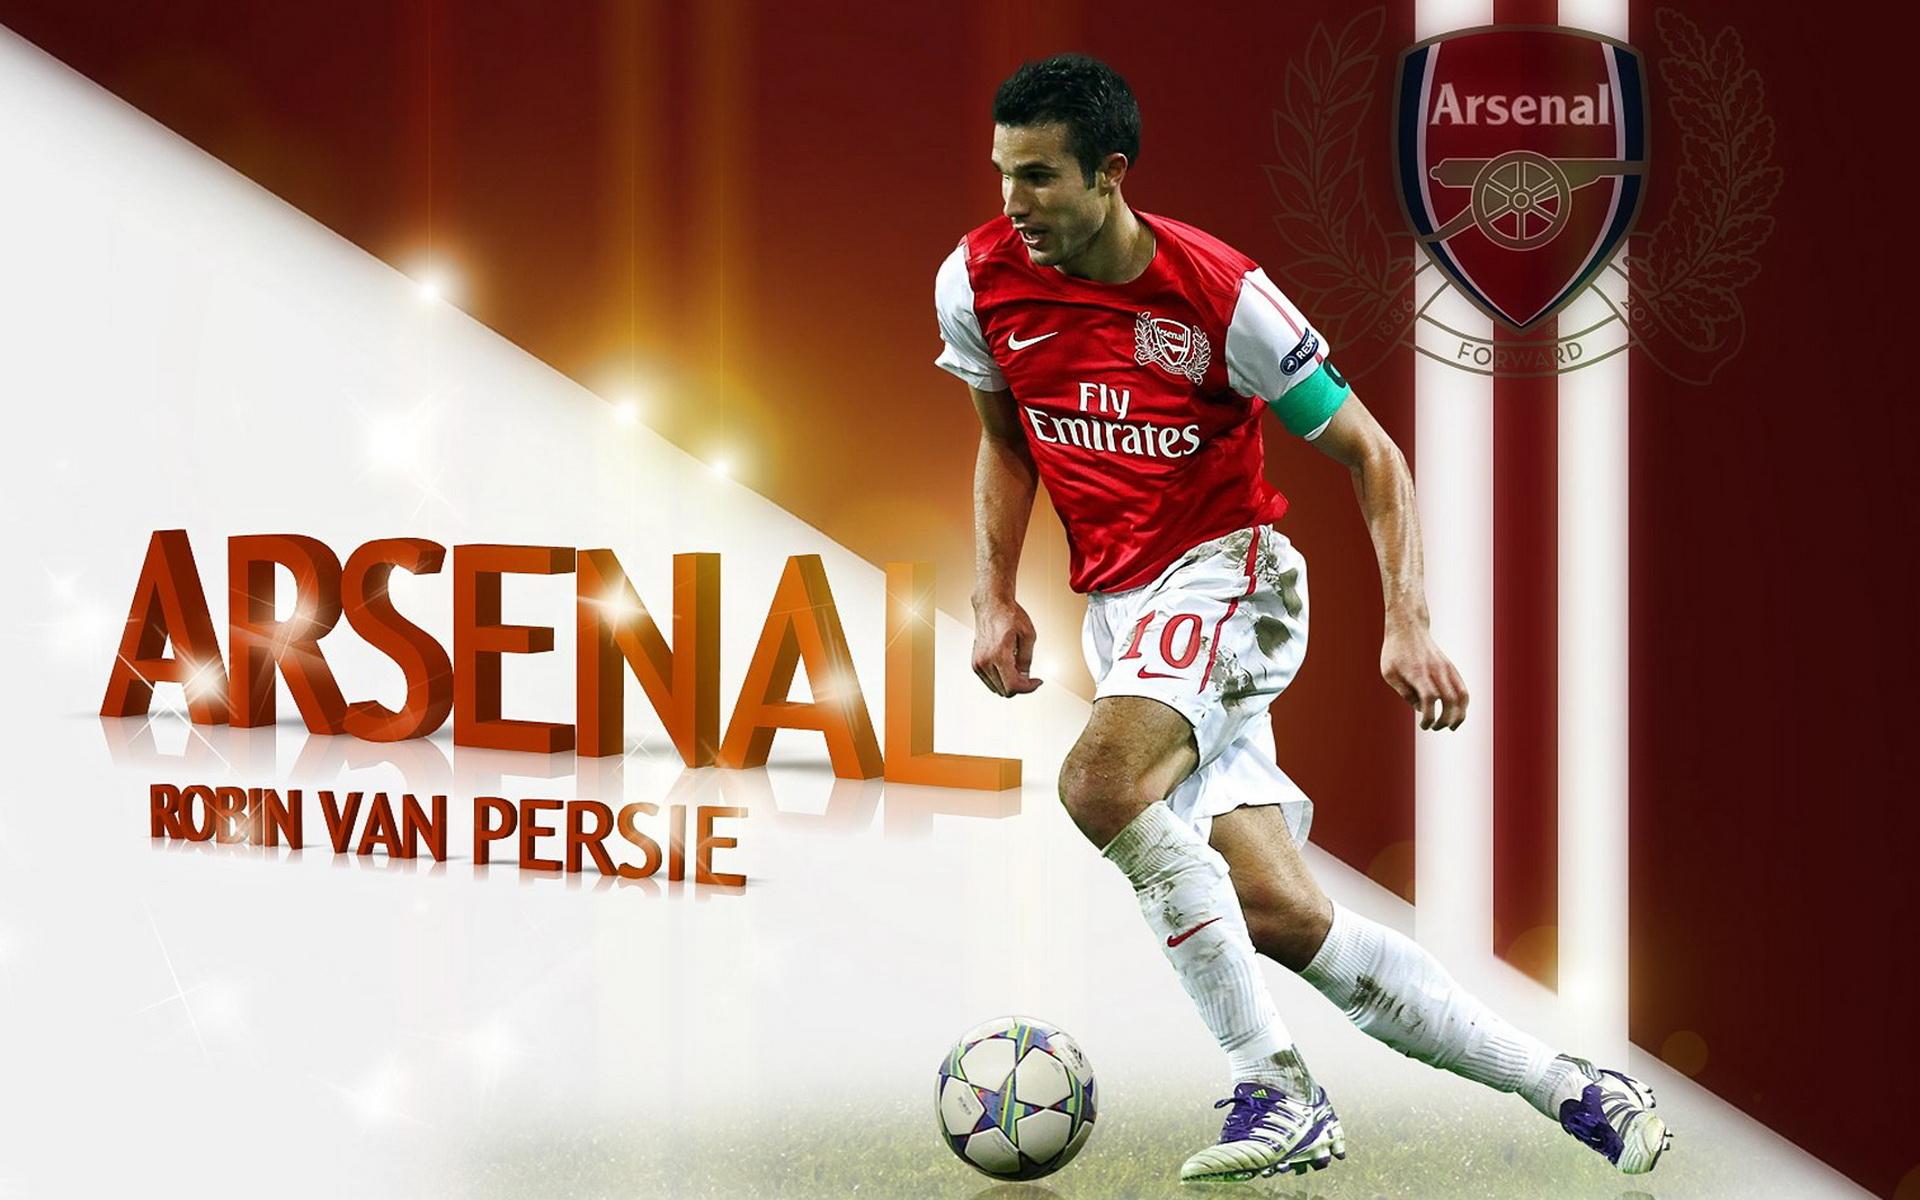 Van Persie Arsenal Wallpaper Robin Van Persie 1920x1200